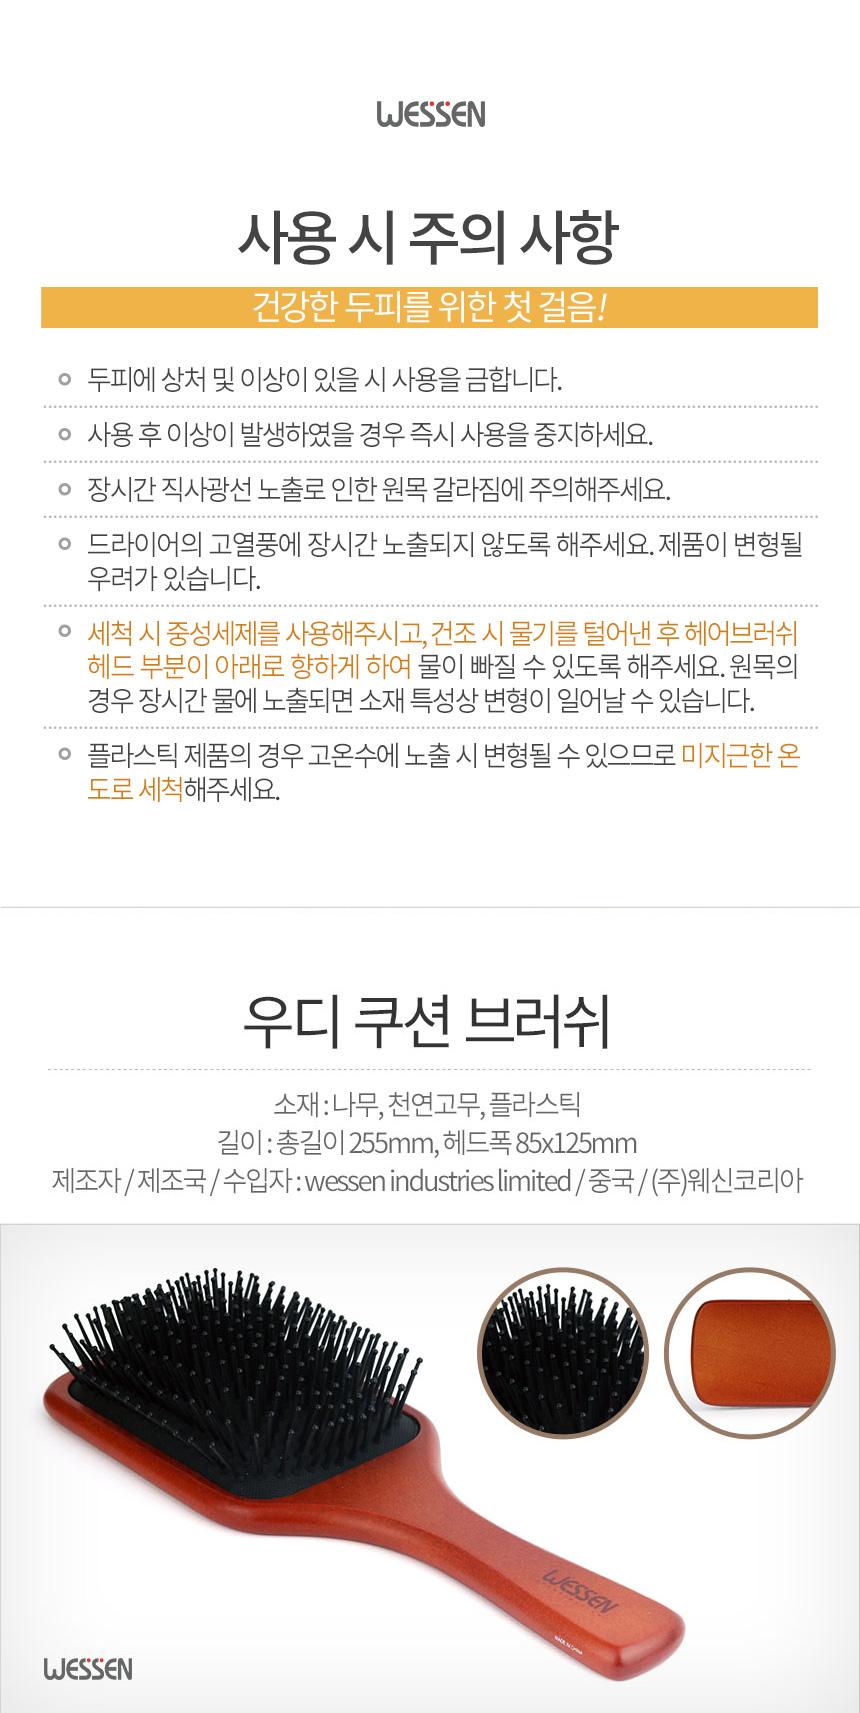 웨신 우디 쿠션 헤어브러쉬 - 웨신, 17,000원, 헤어케어, 헤어미용소품